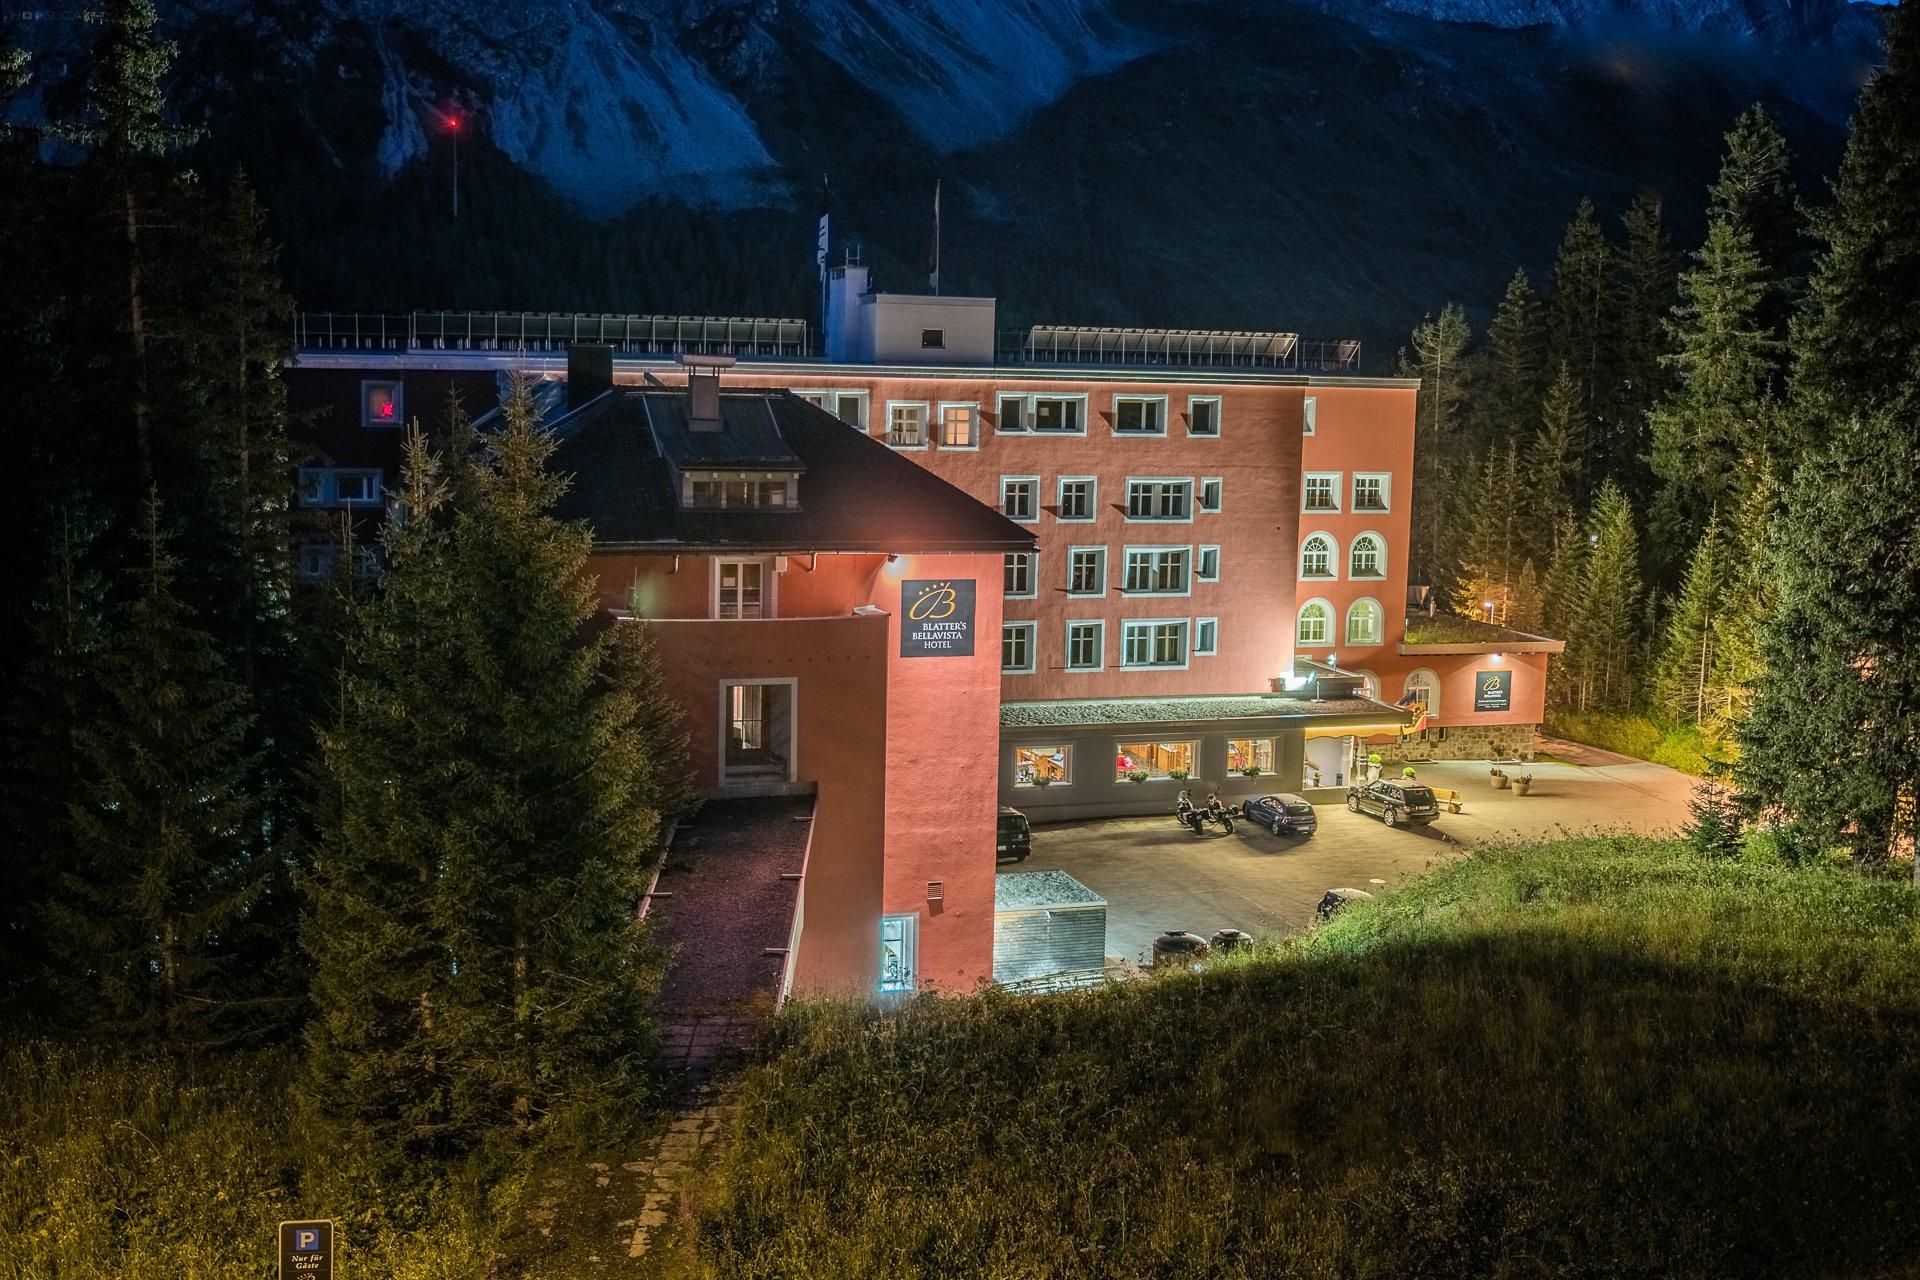 Blatter's Hotel 4